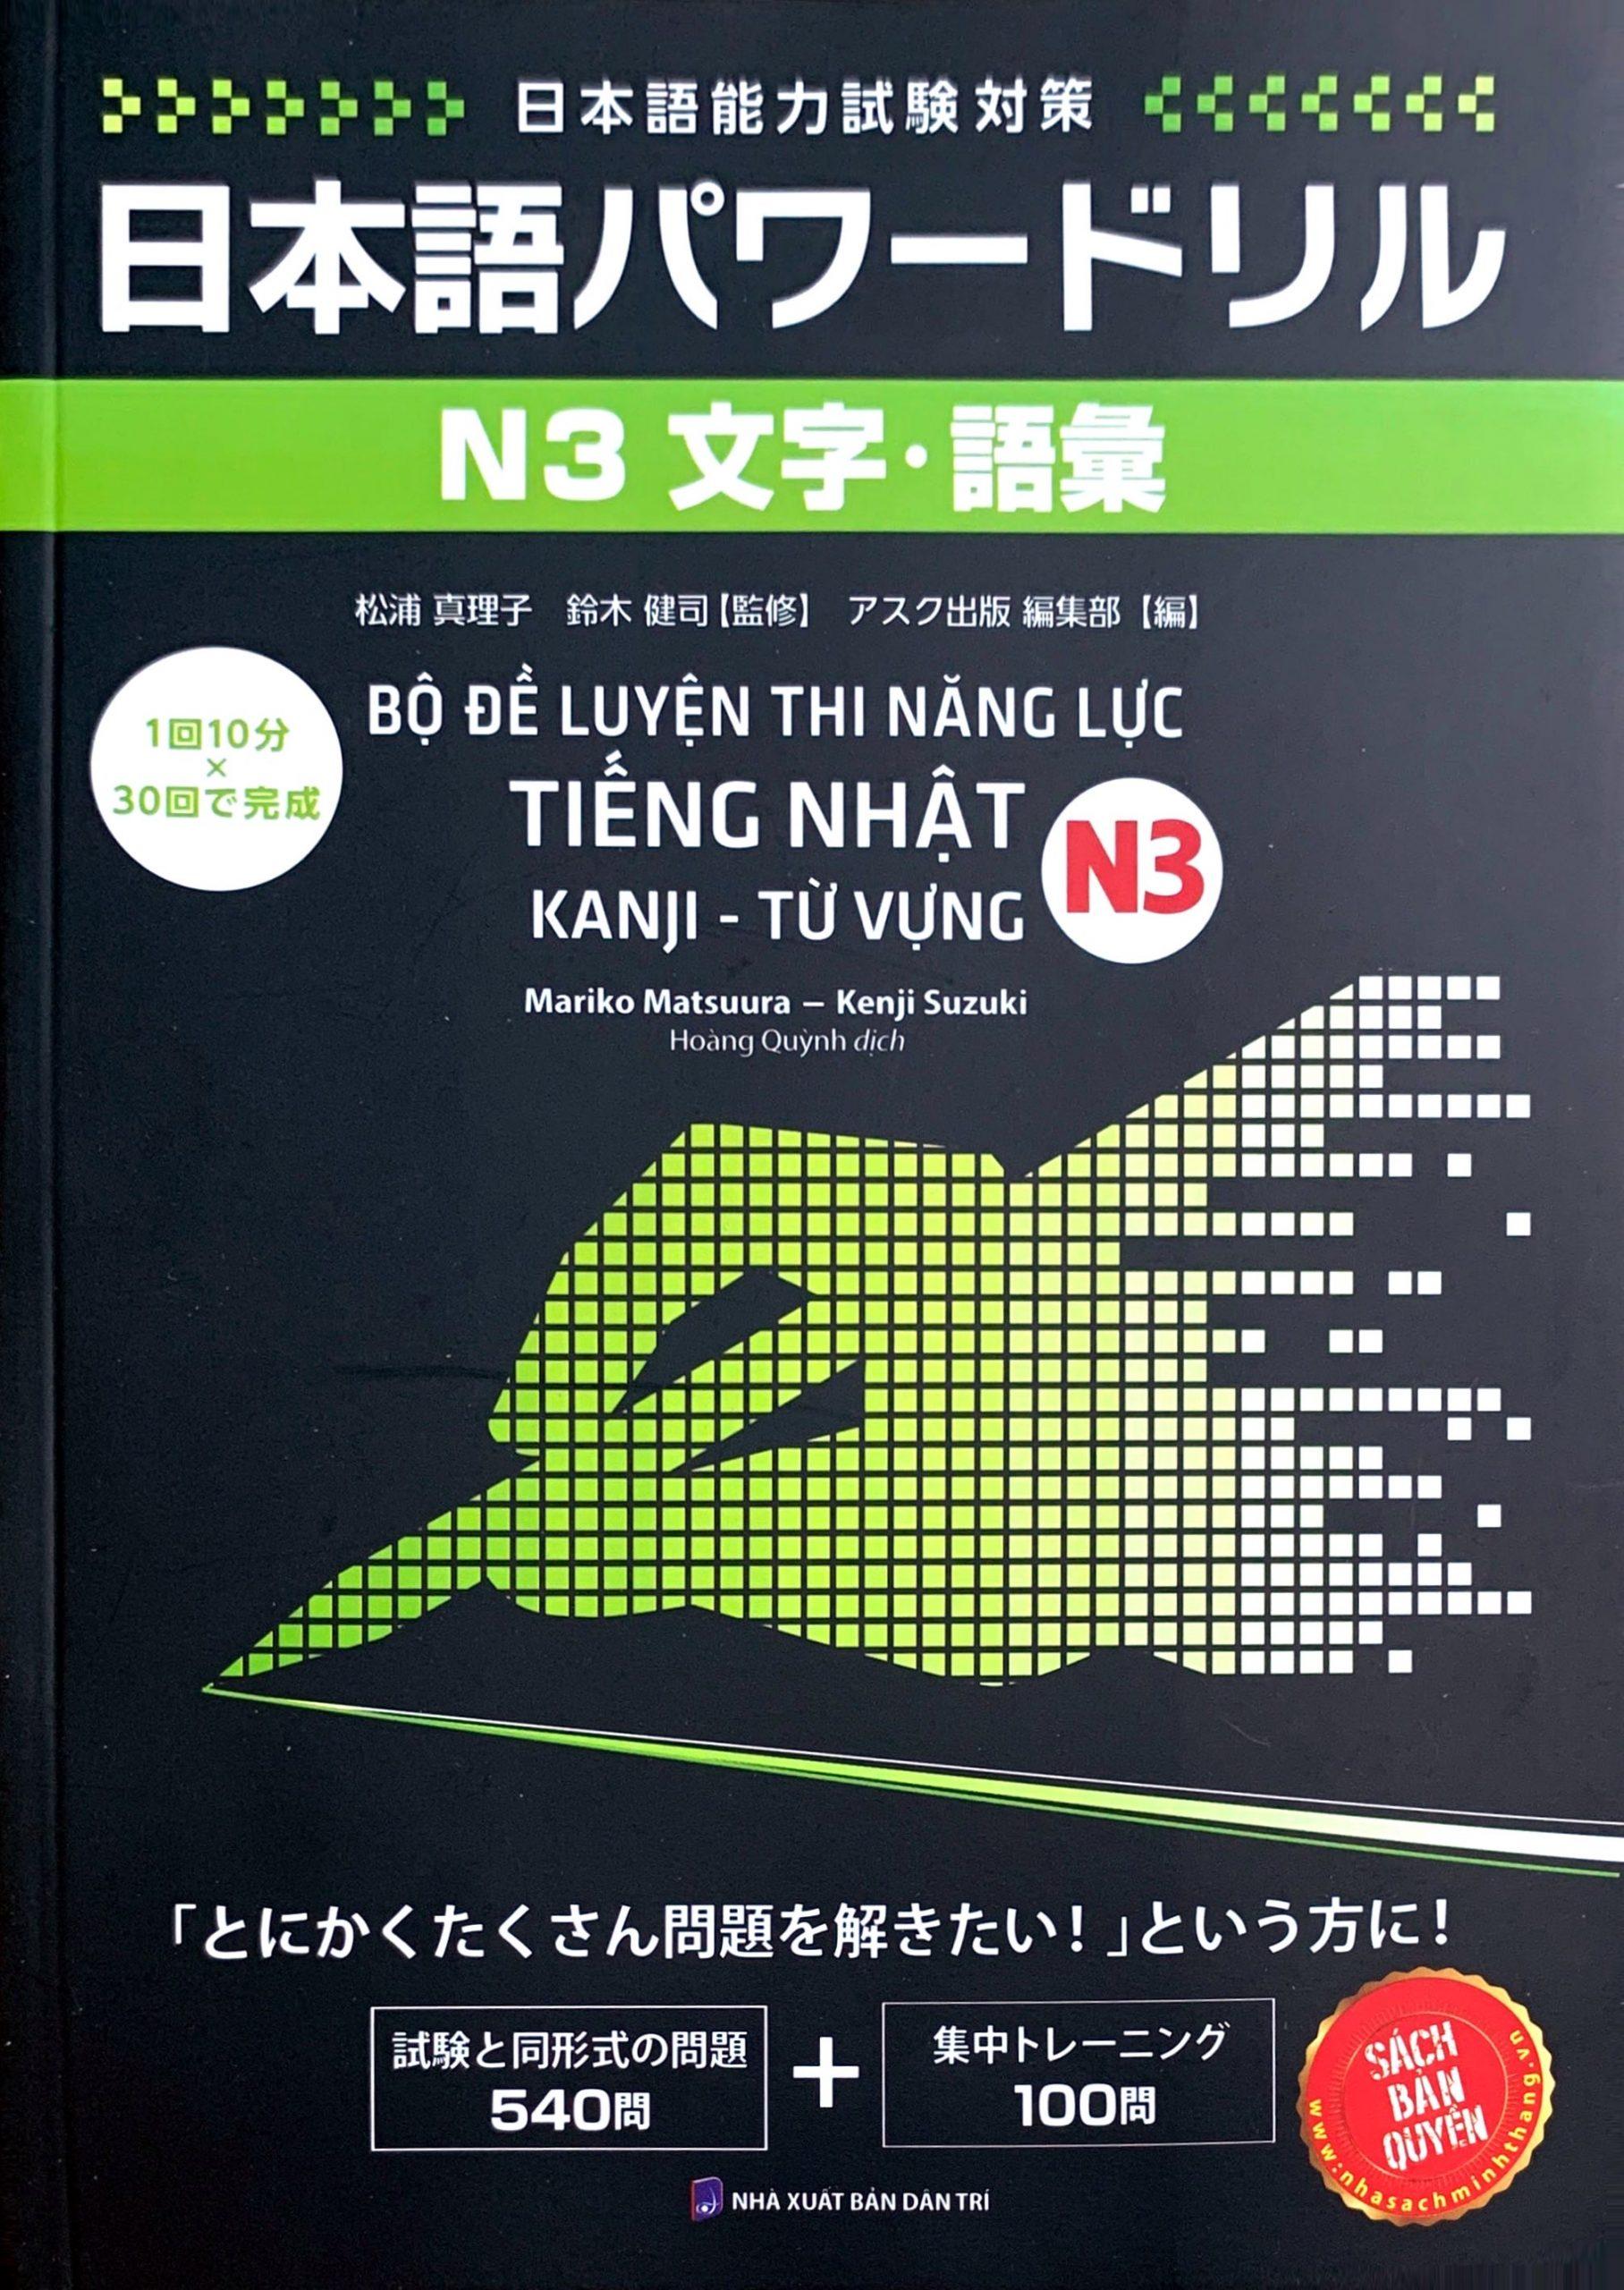 Lifestyle designSách Luyện Thi N3 Nihongo Pawa Doriru N3 Moji Goi – Bộ Đề Luyện Thi Năng Lực Tiếng Nhật N3 Kanji Từ vựng